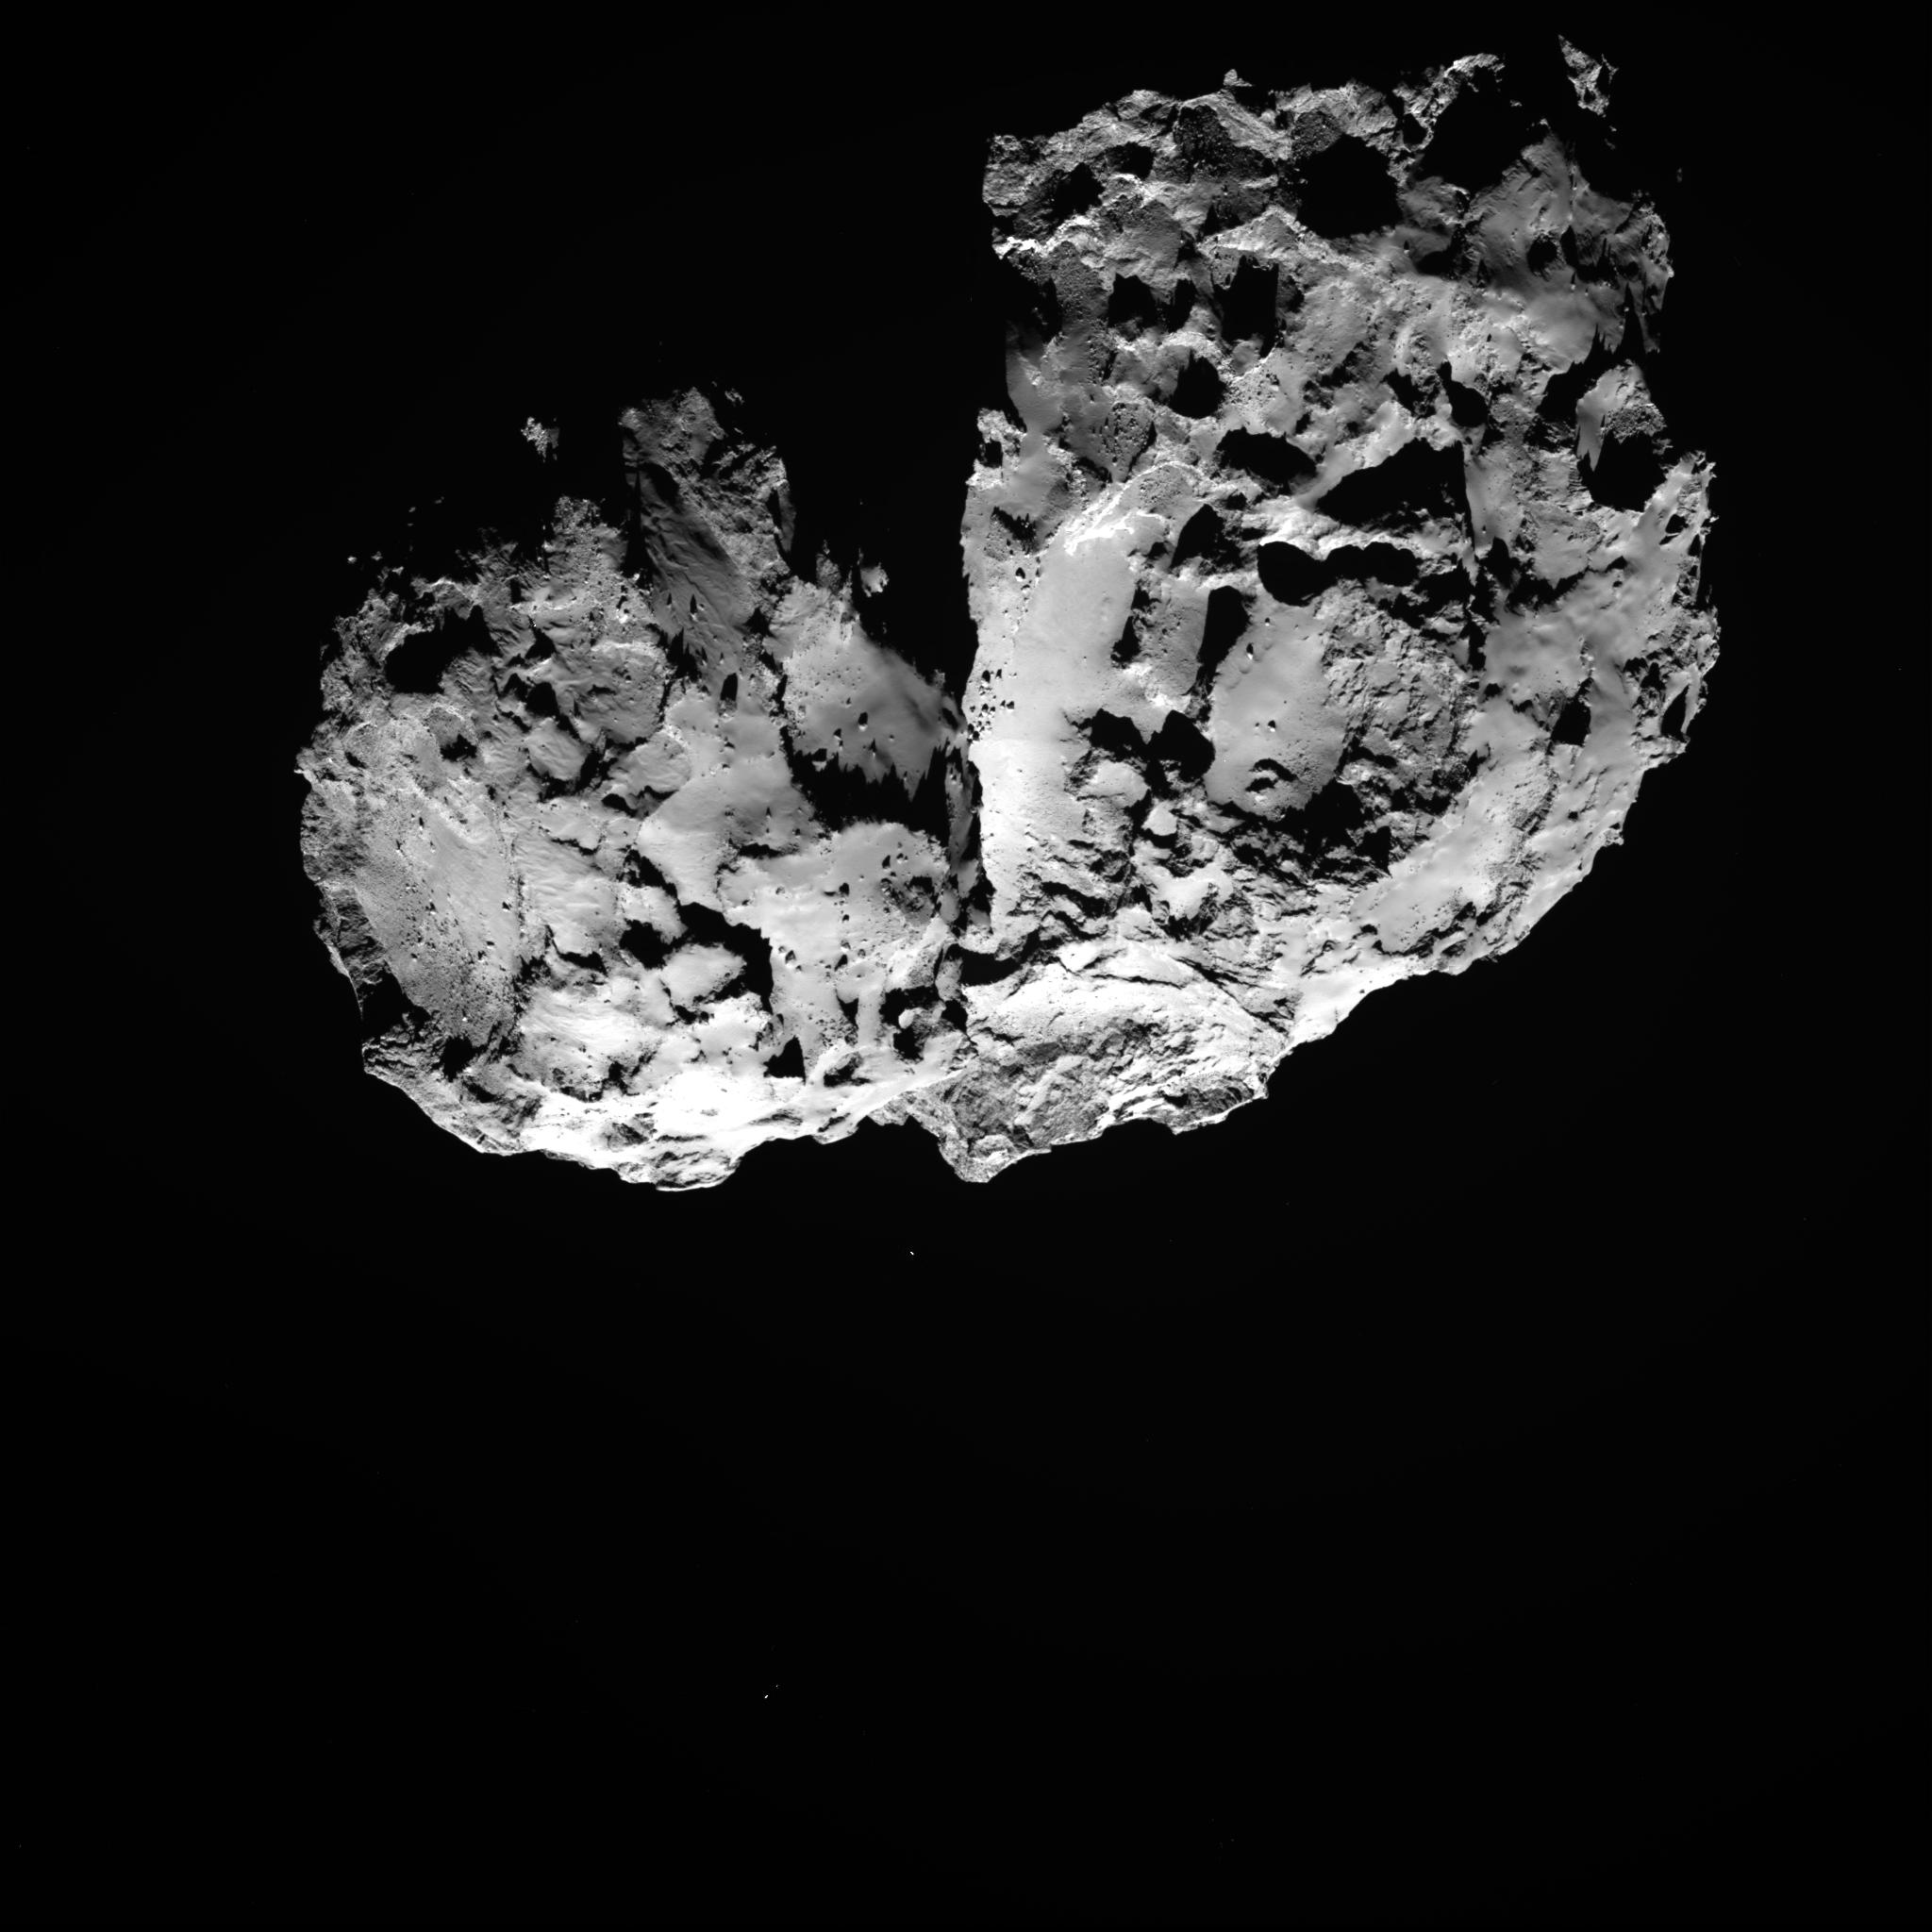 носитель фото кометы чурюмова герасименко коллекция